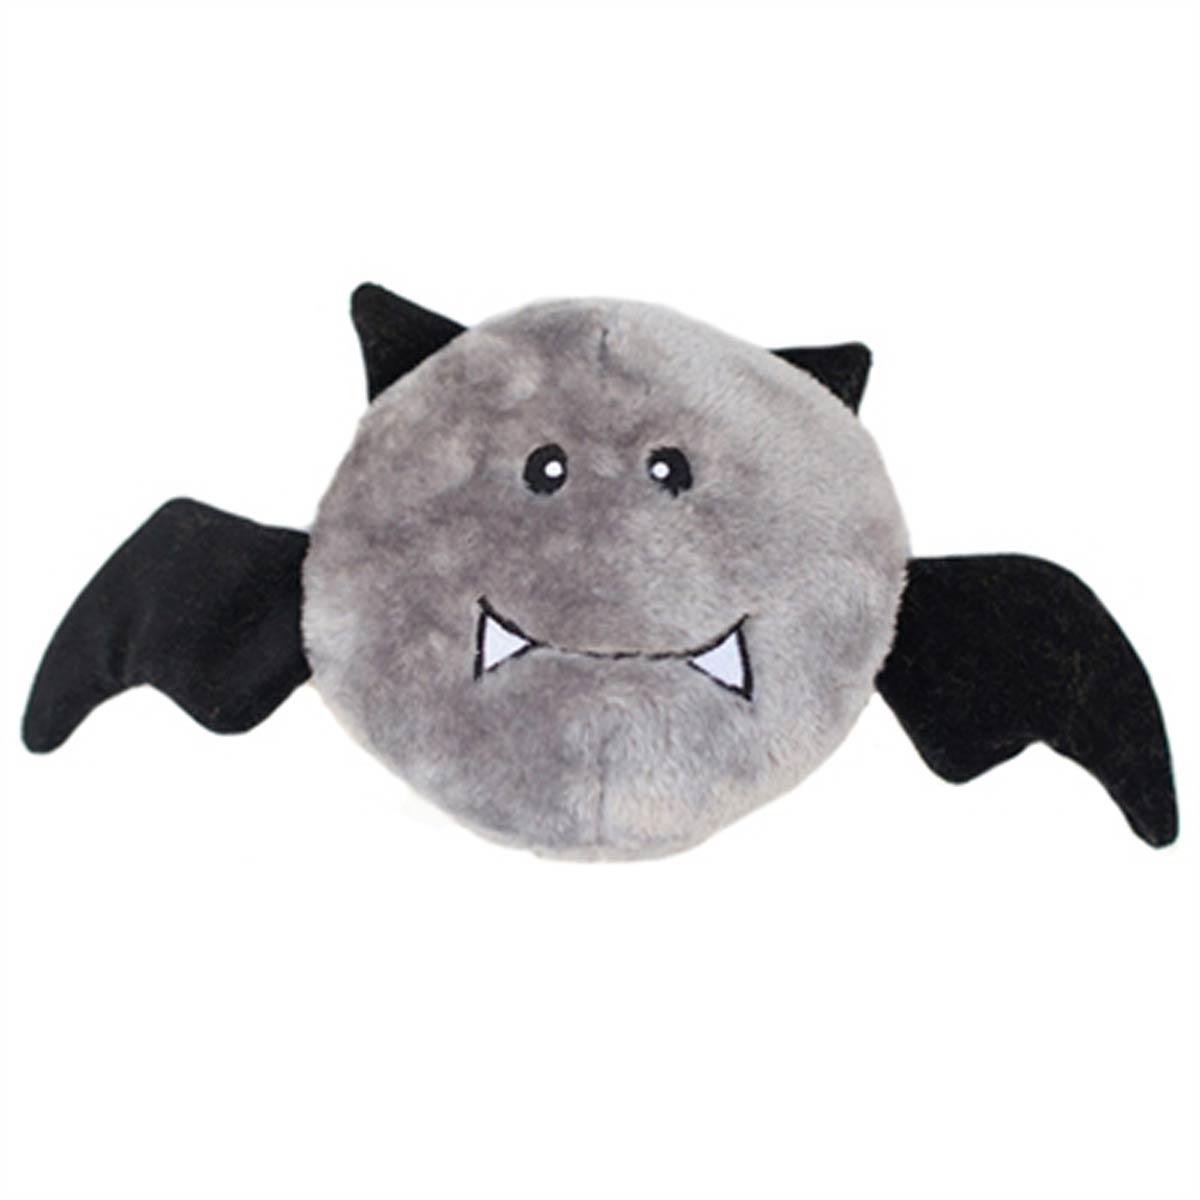 Halloween Brainey Dog Toy - Bat